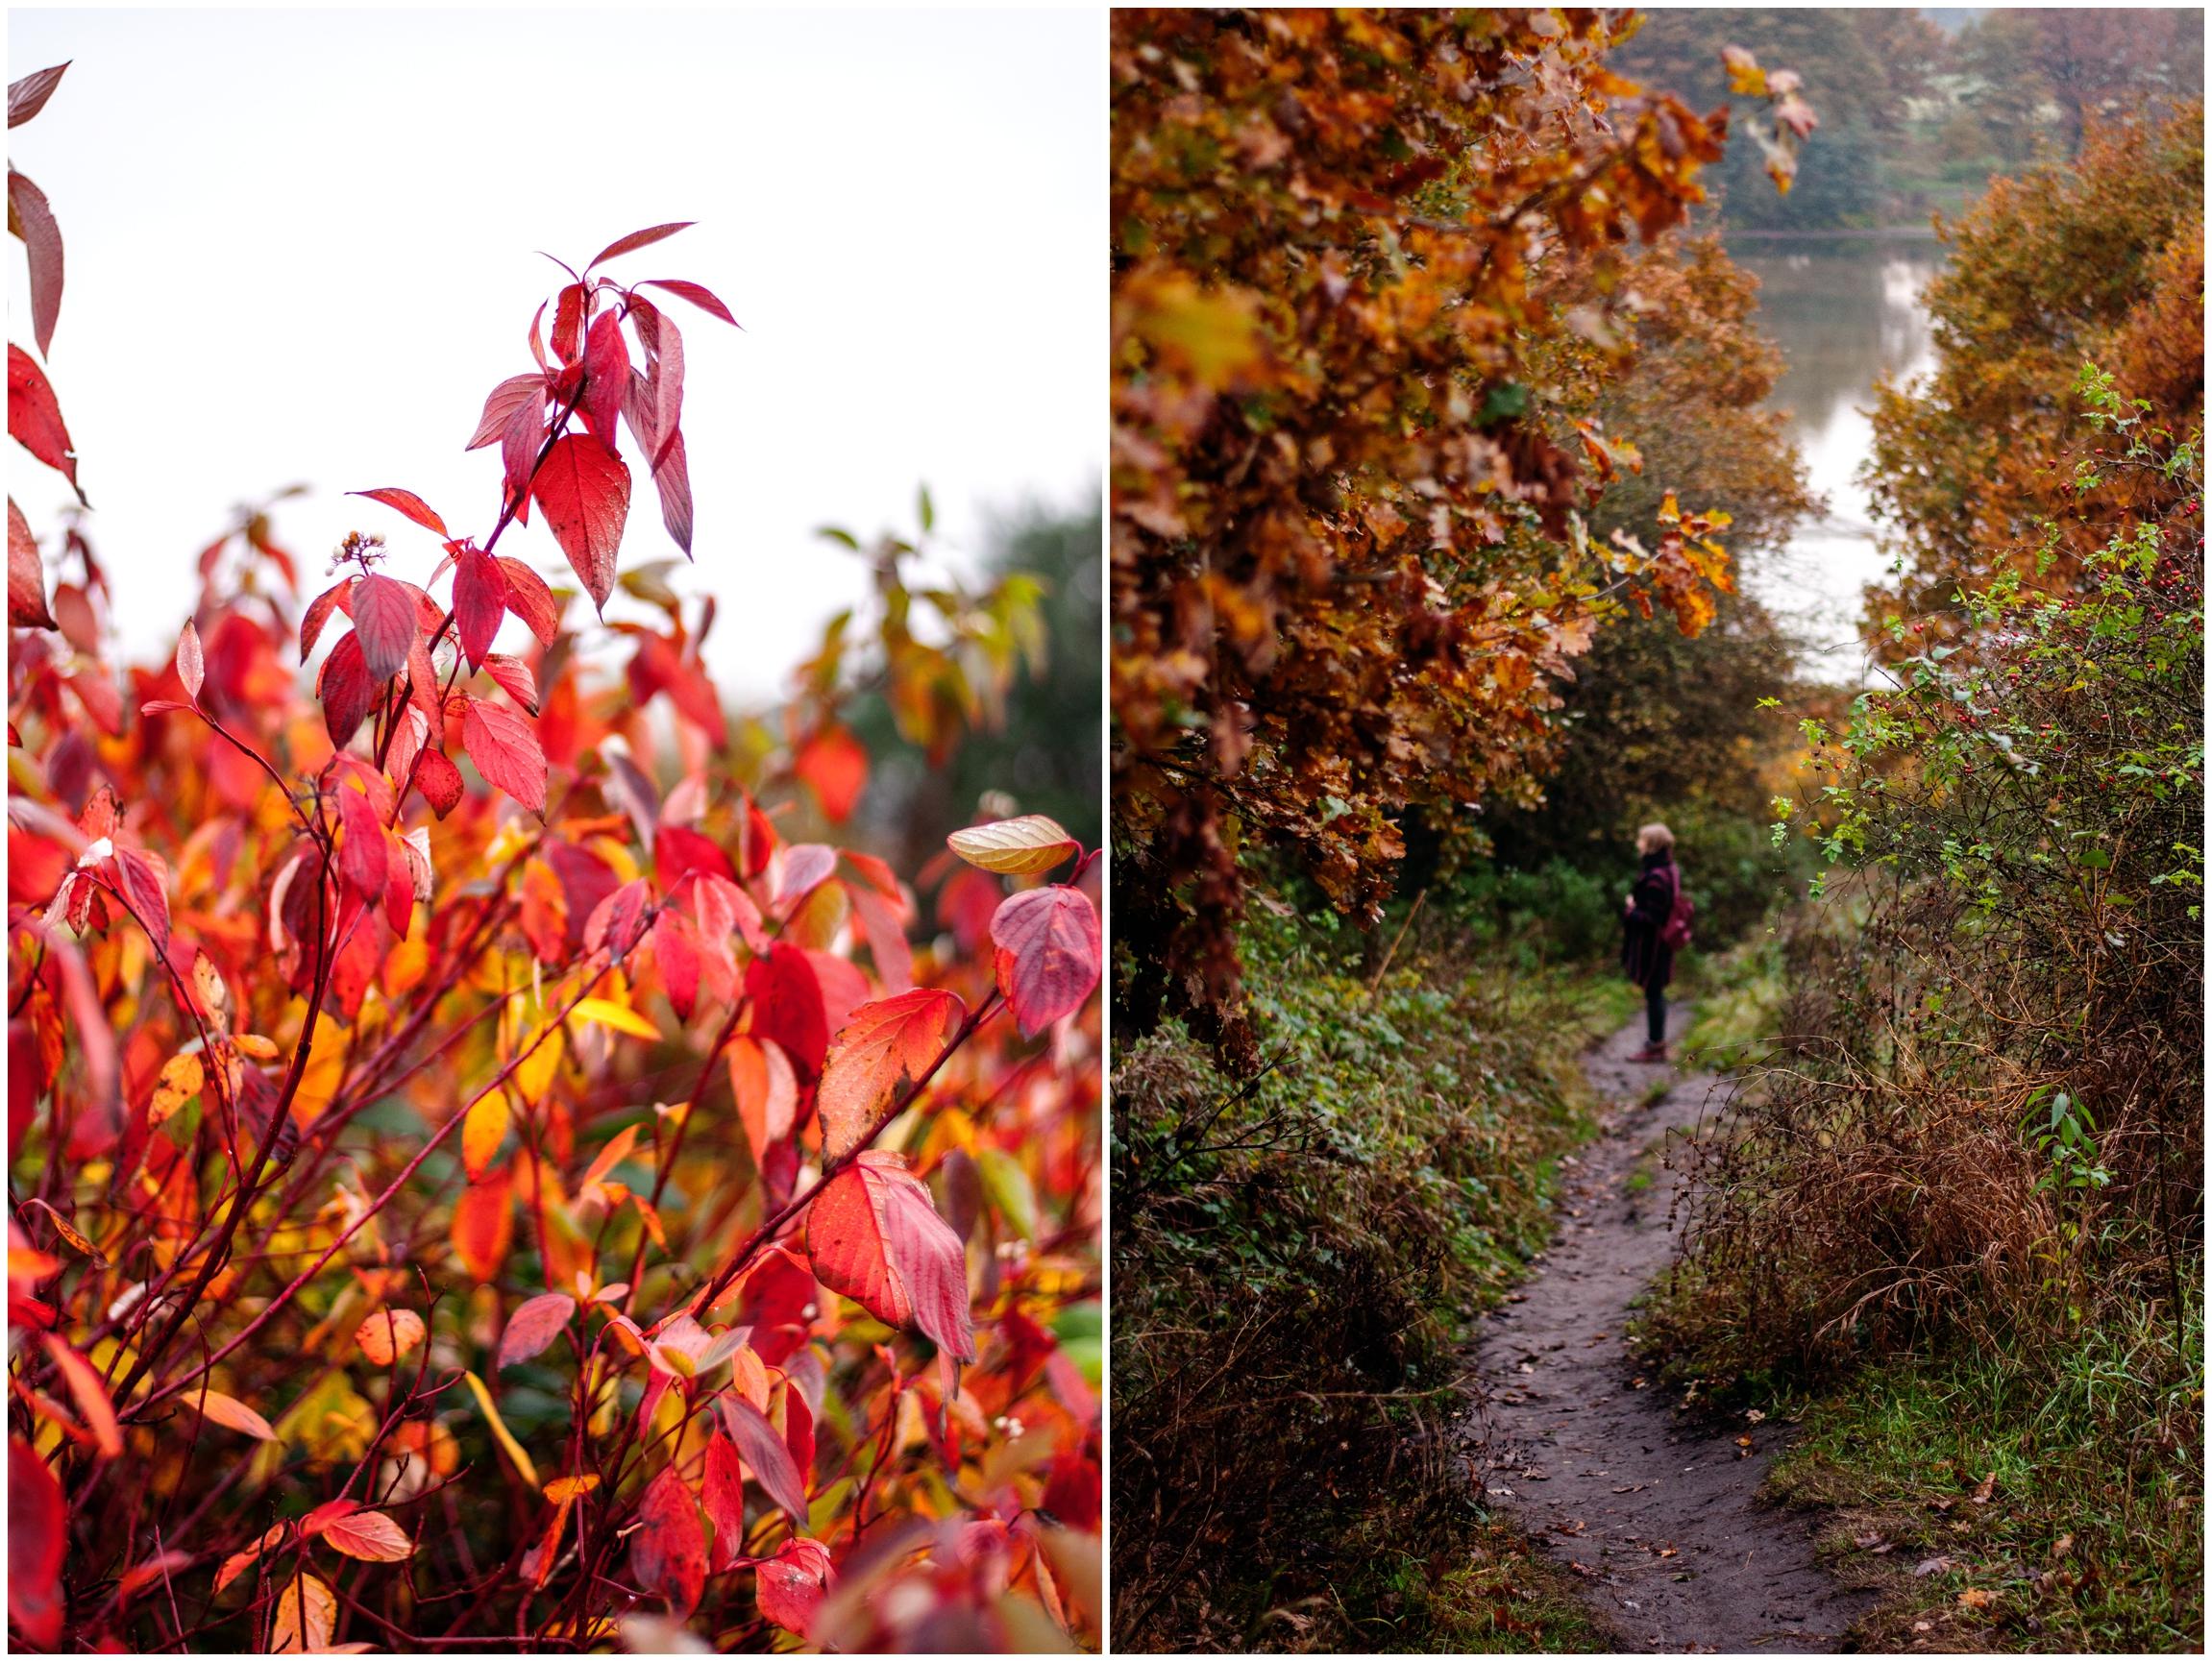 Herbstspaziergang Blätter